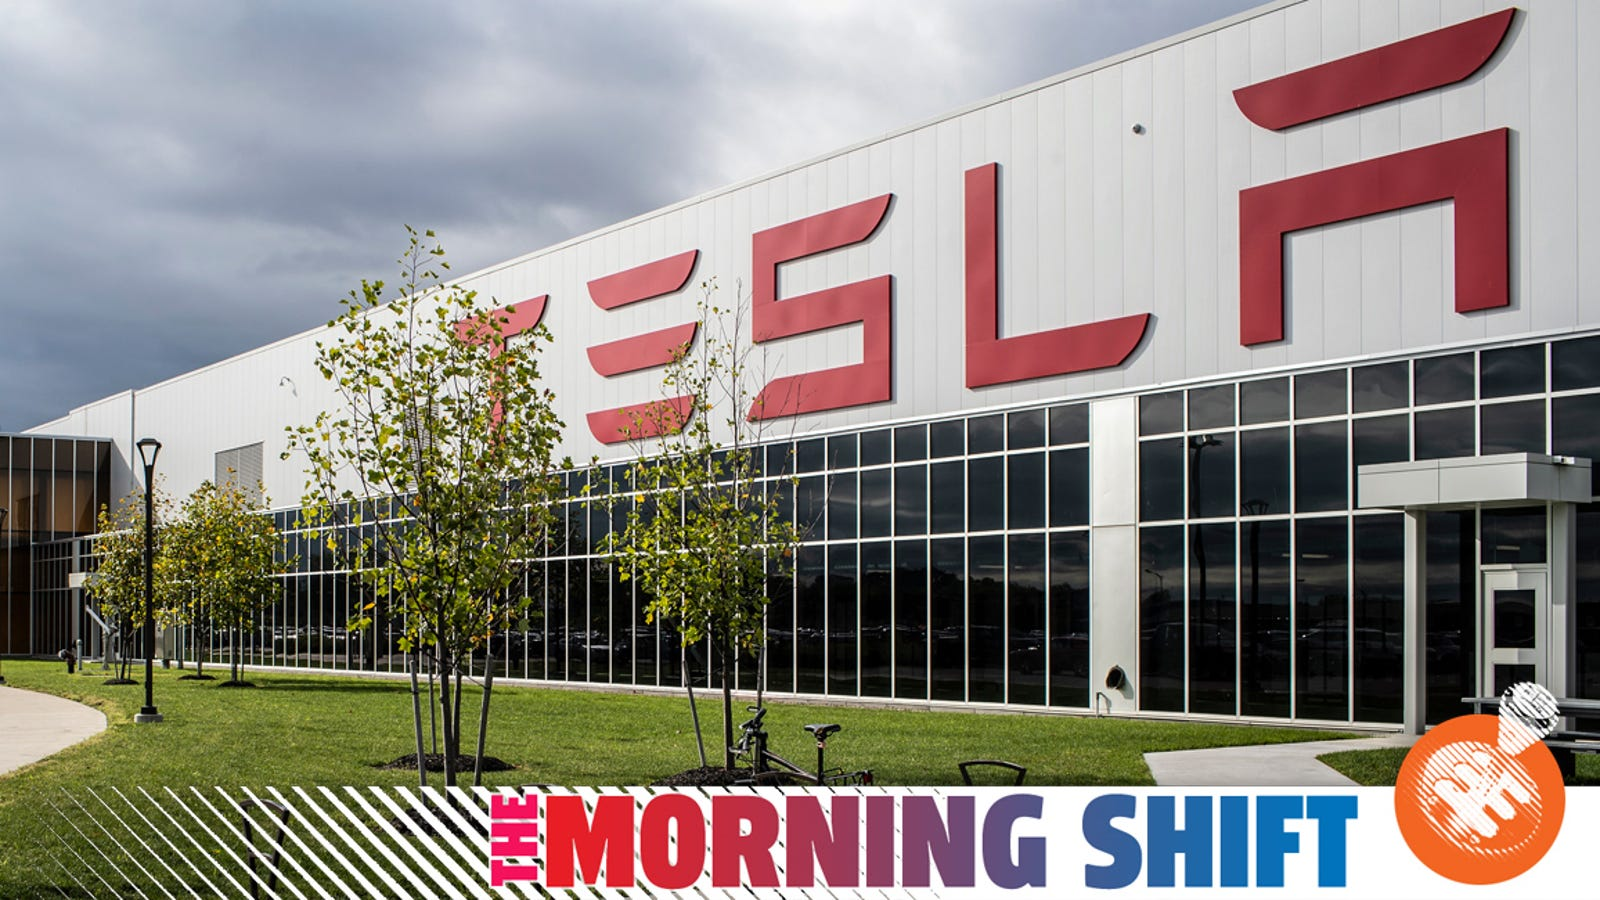 Elon Musk's New York Gigafactory Has Been A Disaster